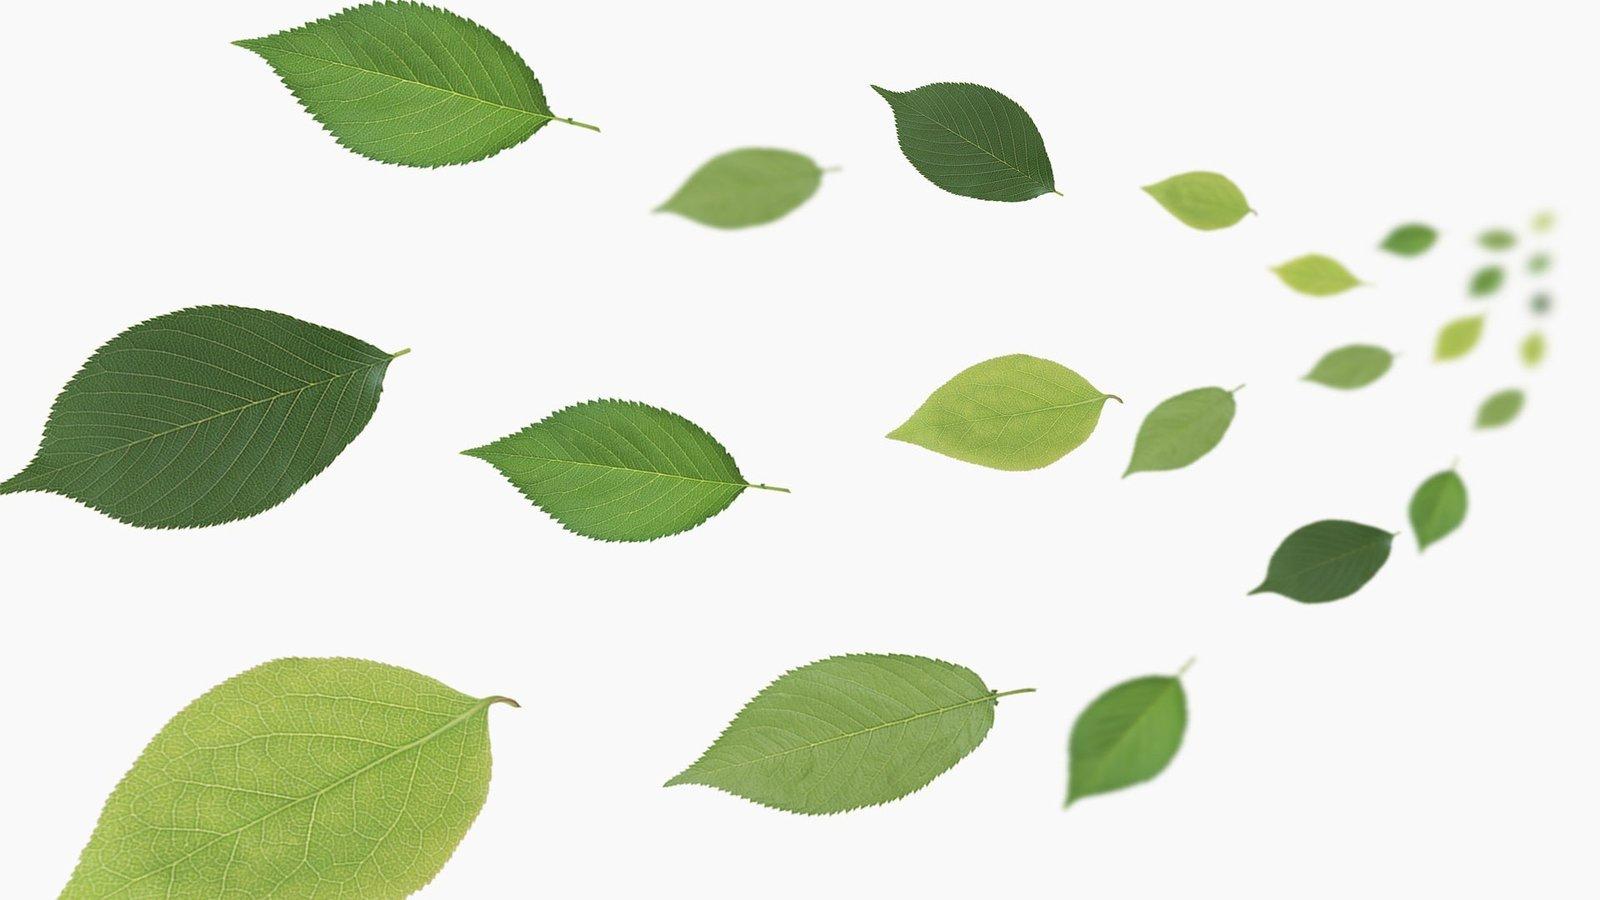 背景 壁纸 绿色 绿叶 设计 矢量 矢量图 树叶 素材 植物 桌面 1600图片